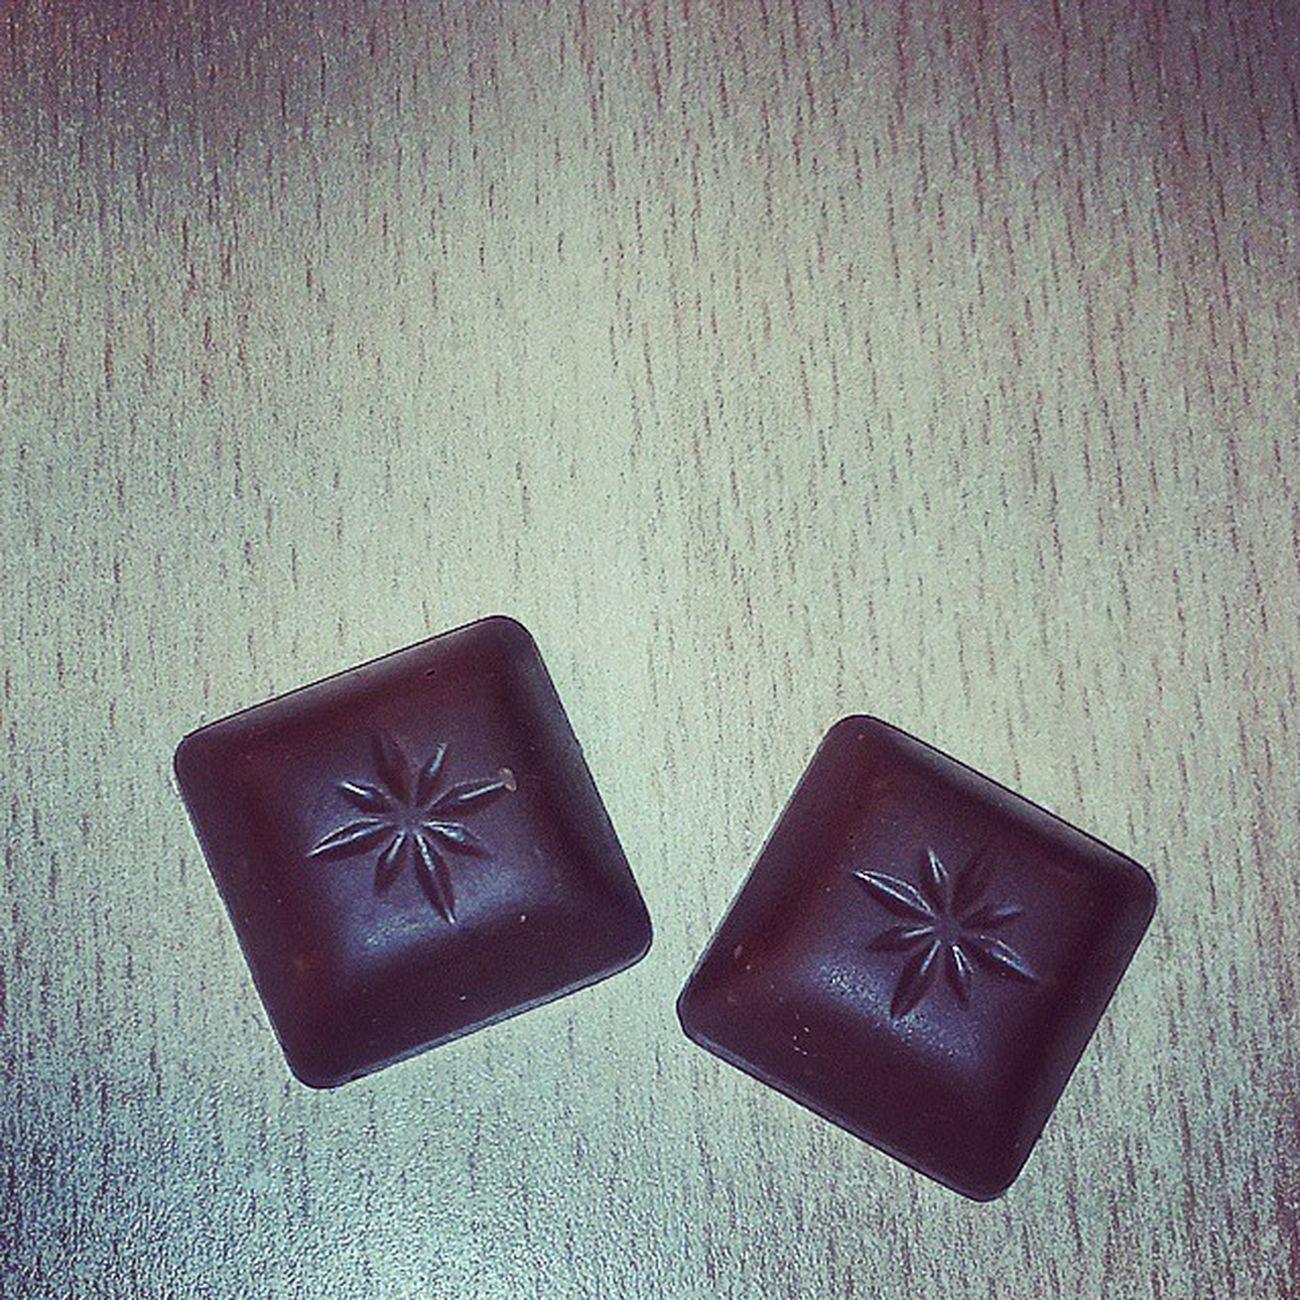 2quadretti Cioccolato Nocciole Letto Piumone Telefilm Arrow BuonaNotte !